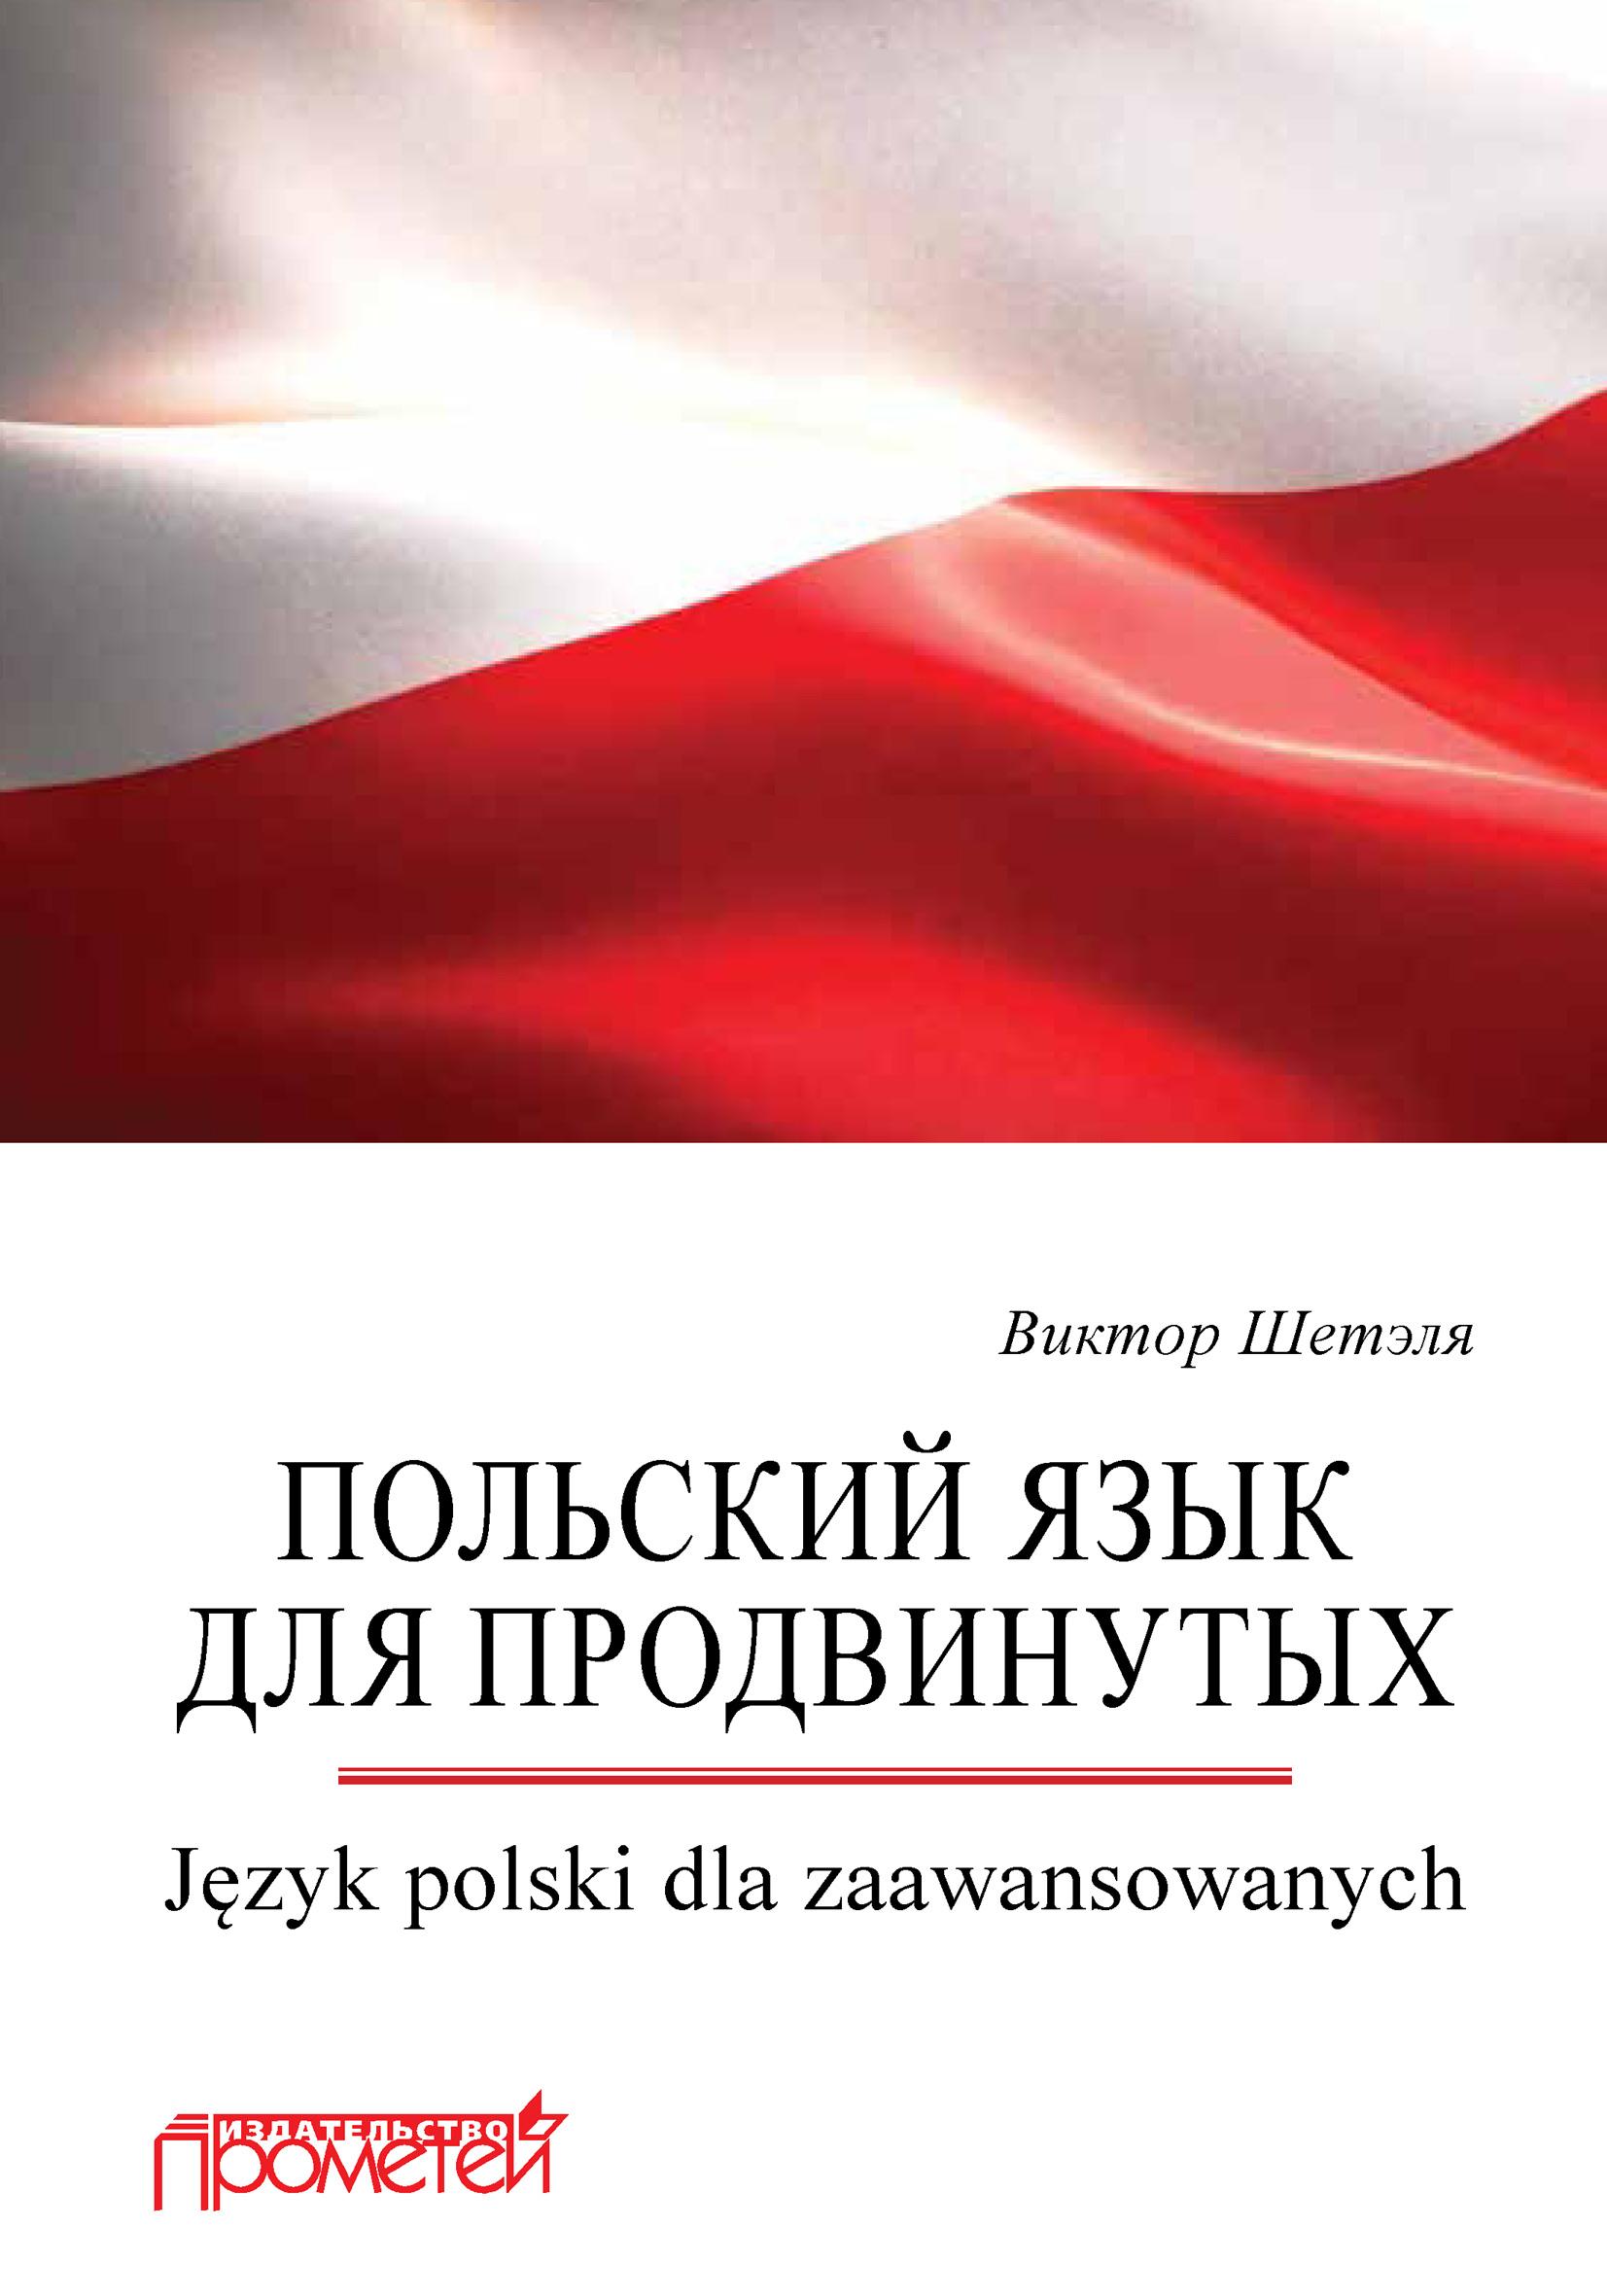 Польский язык для продвинутых = Język polski dla zaawansowanych